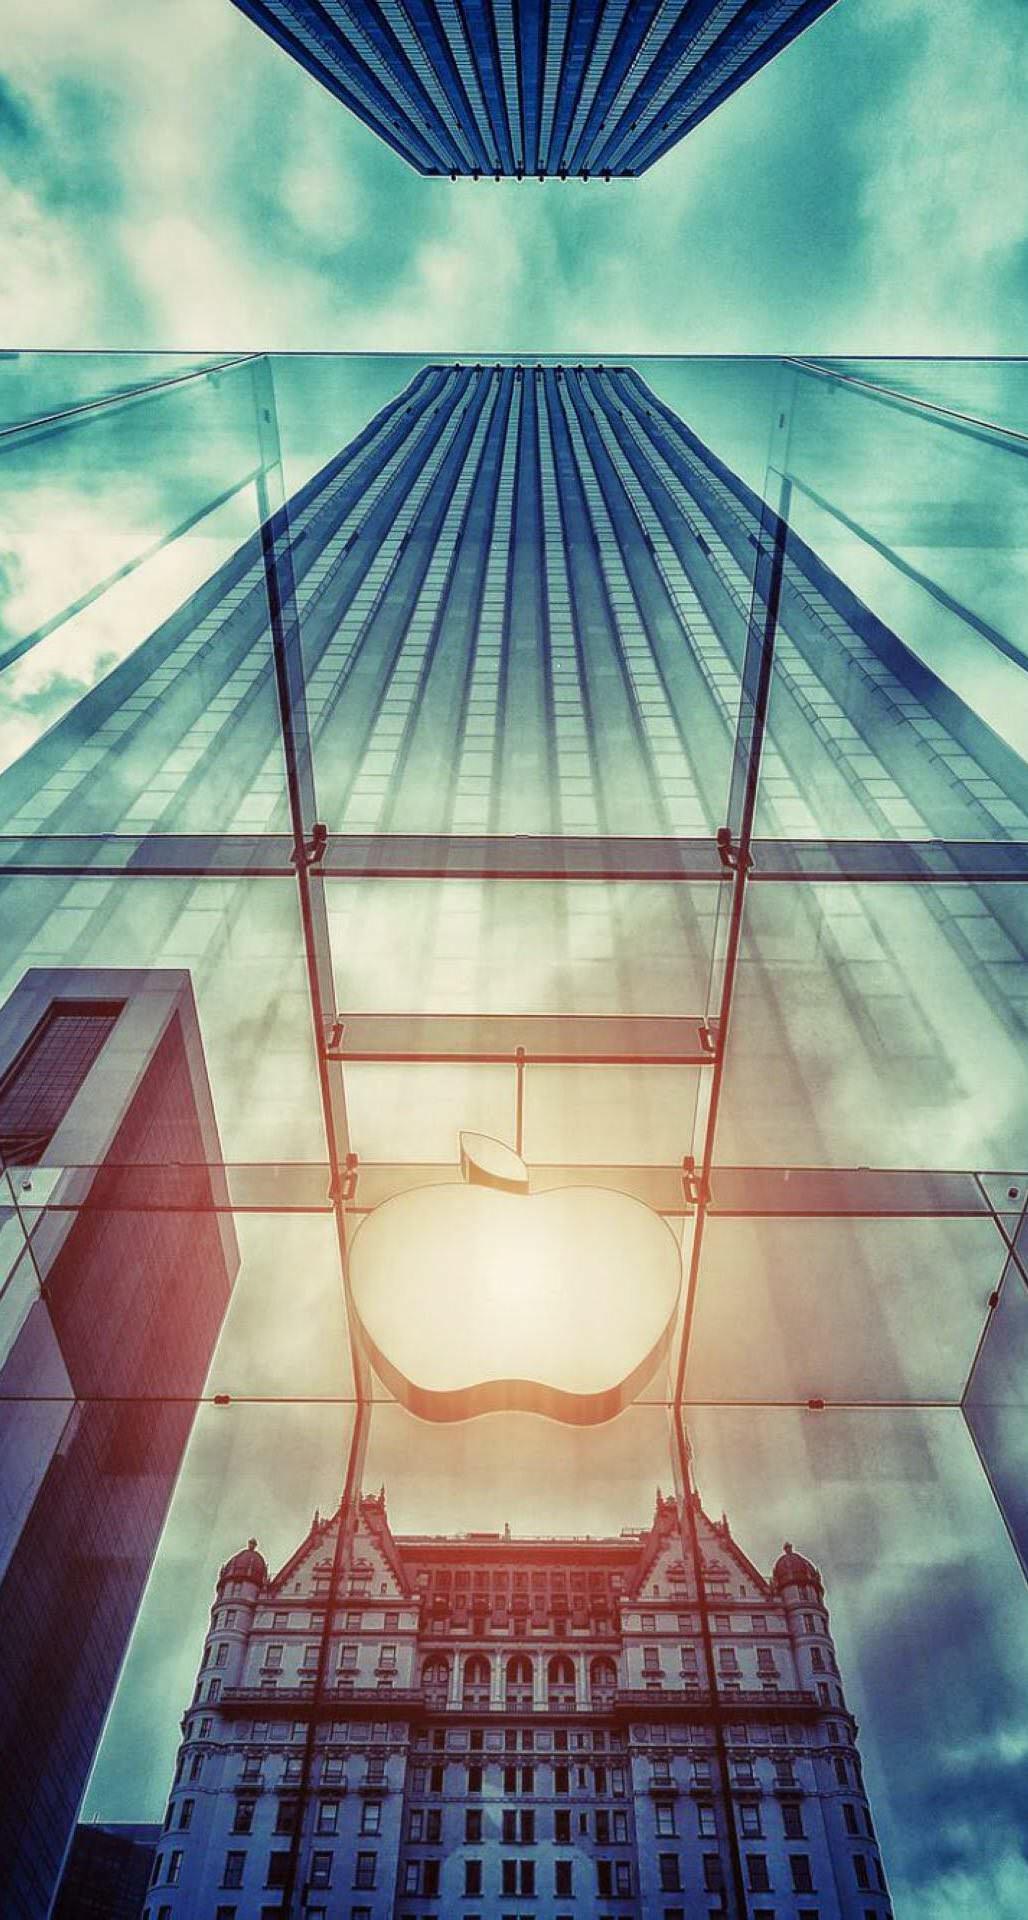 アップルストアー iPhone6 Plus壁紙